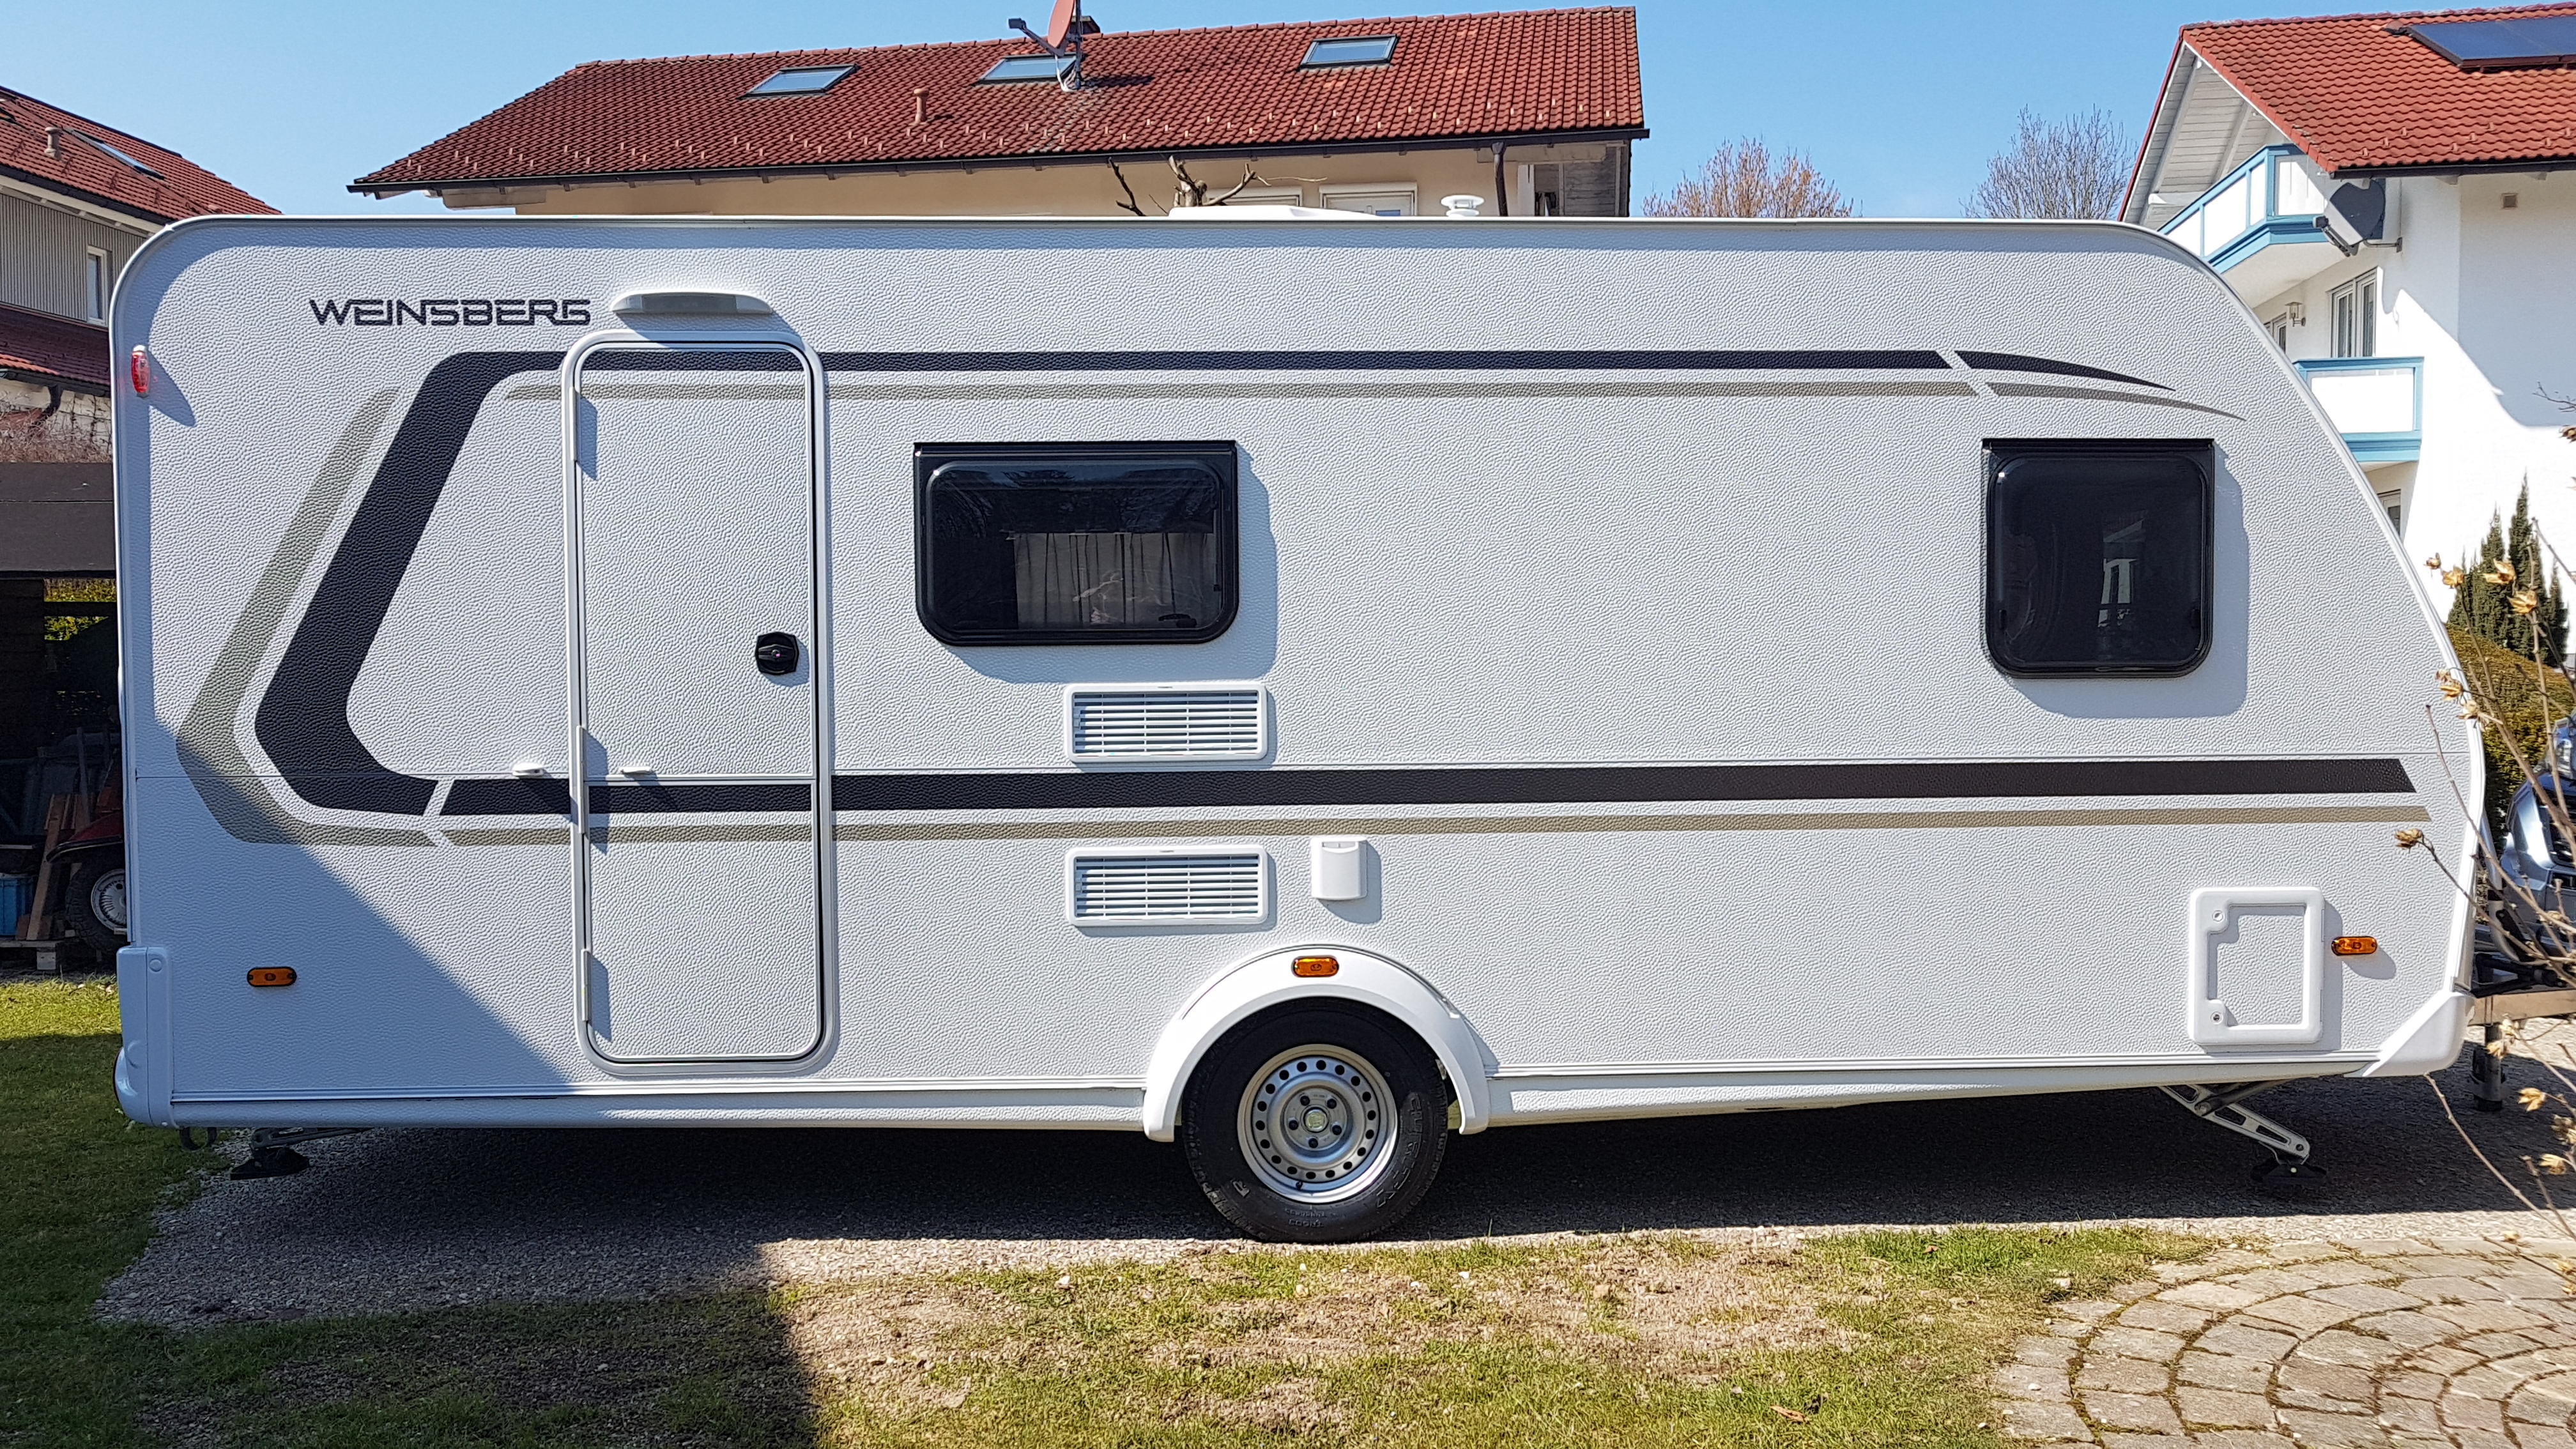 Wohnmobil mieten - Mobil frei sein - Urlaub im Wohnmobil